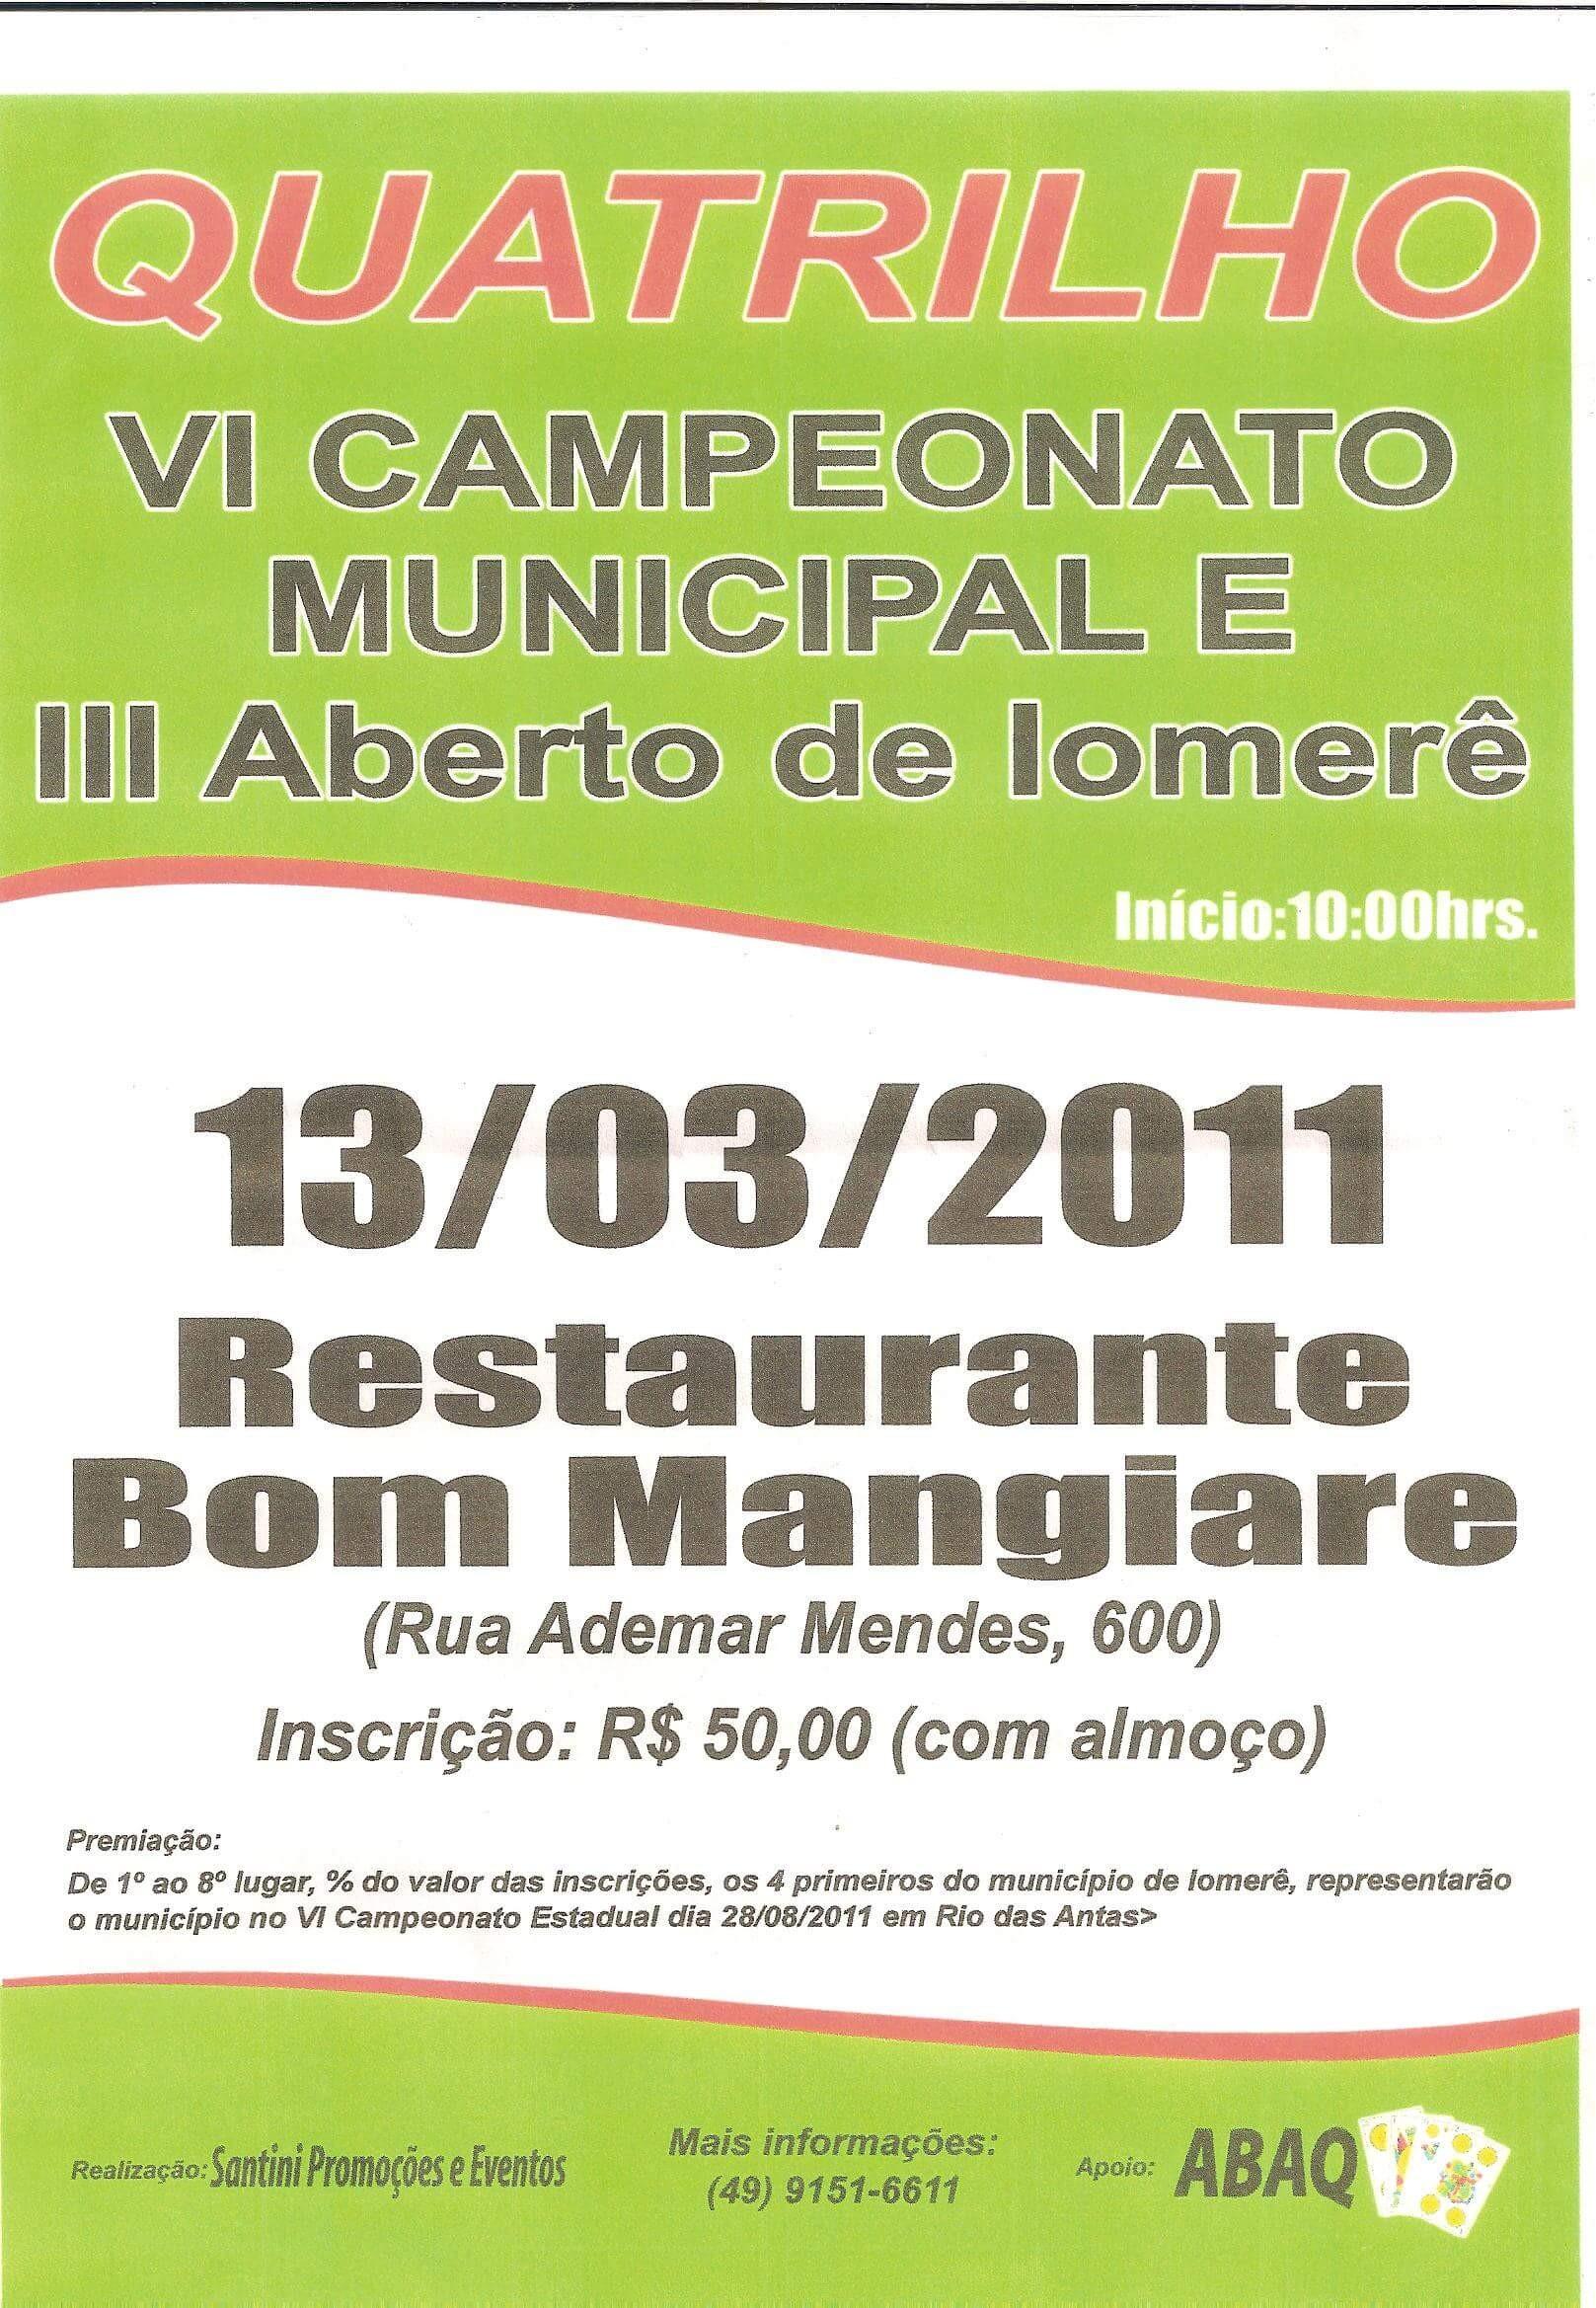 — 16 de Abril de 2011 – VII Campeonato Brasileiro de Quatrilho – Veran³polis – RS Local Clube dos Motorista – Centro Resultados – Fotos